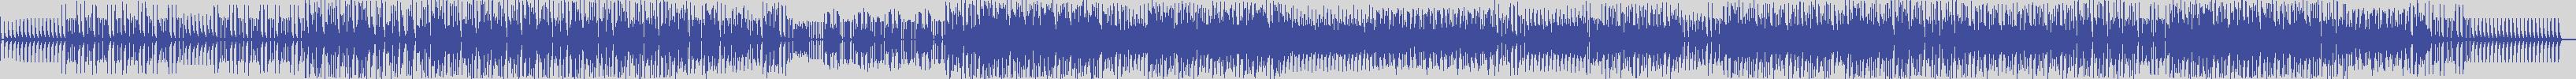 just_digital_records [JS1065] Dj Alex Del Lago - Progressive Scick [Original Mix] audio wave form